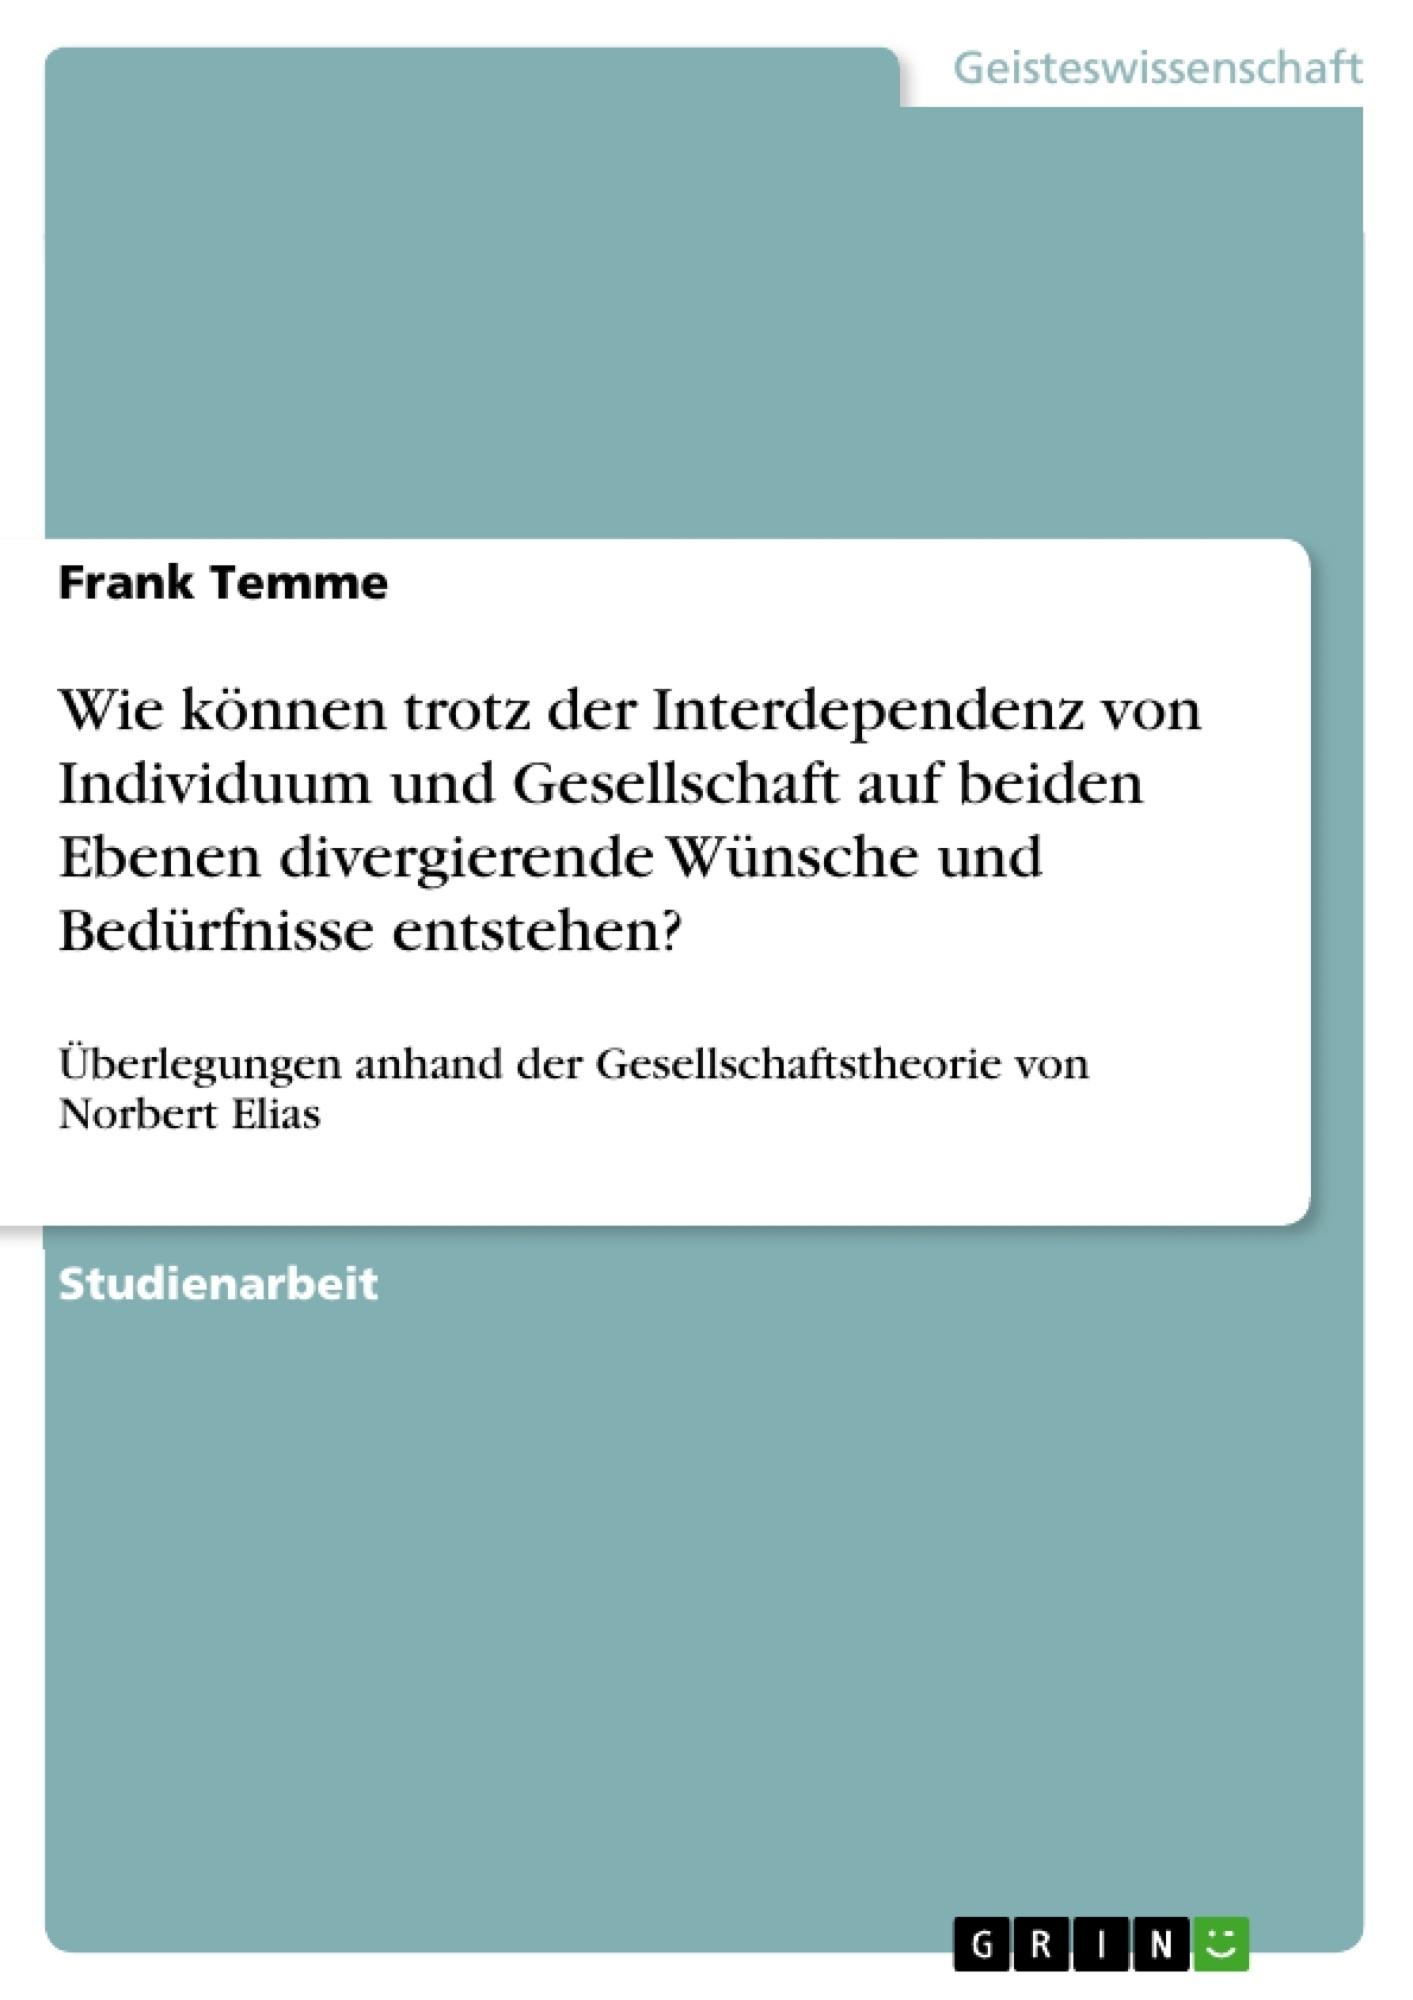 Titel: Wie können trotz der Interdependenz von Individuum und Gesellschaft auf beiden Ebenen divergierende Wünsche und Bedürfnisse entstehen?